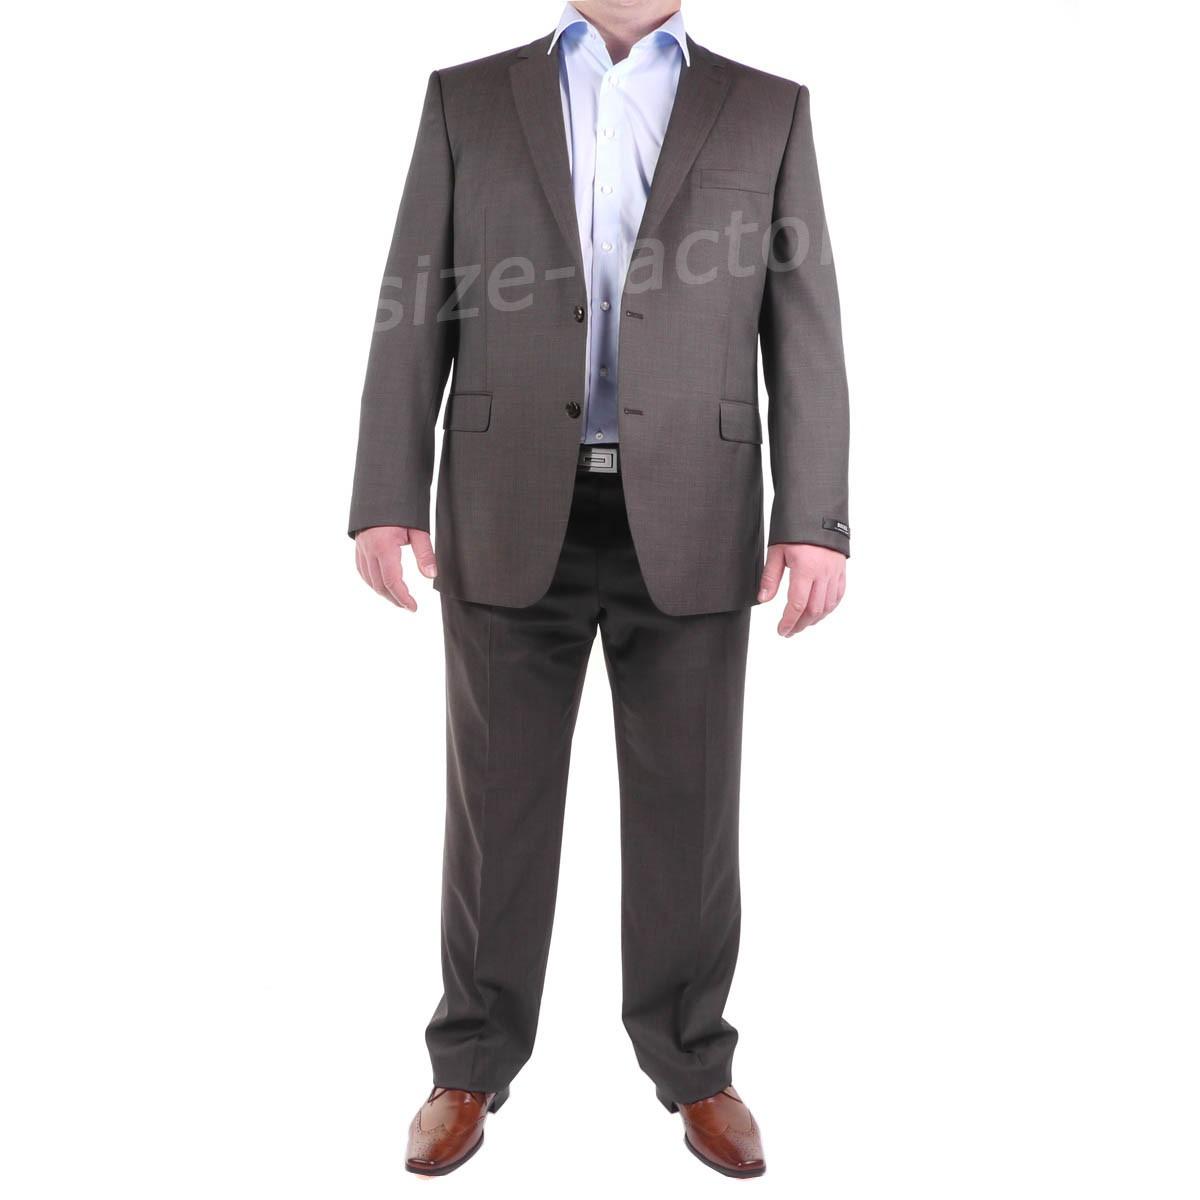 pantalon de costume prfrence gris pour homme fort du 56 au 64 car interior design. Black Bedroom Furniture Sets. Home Design Ideas